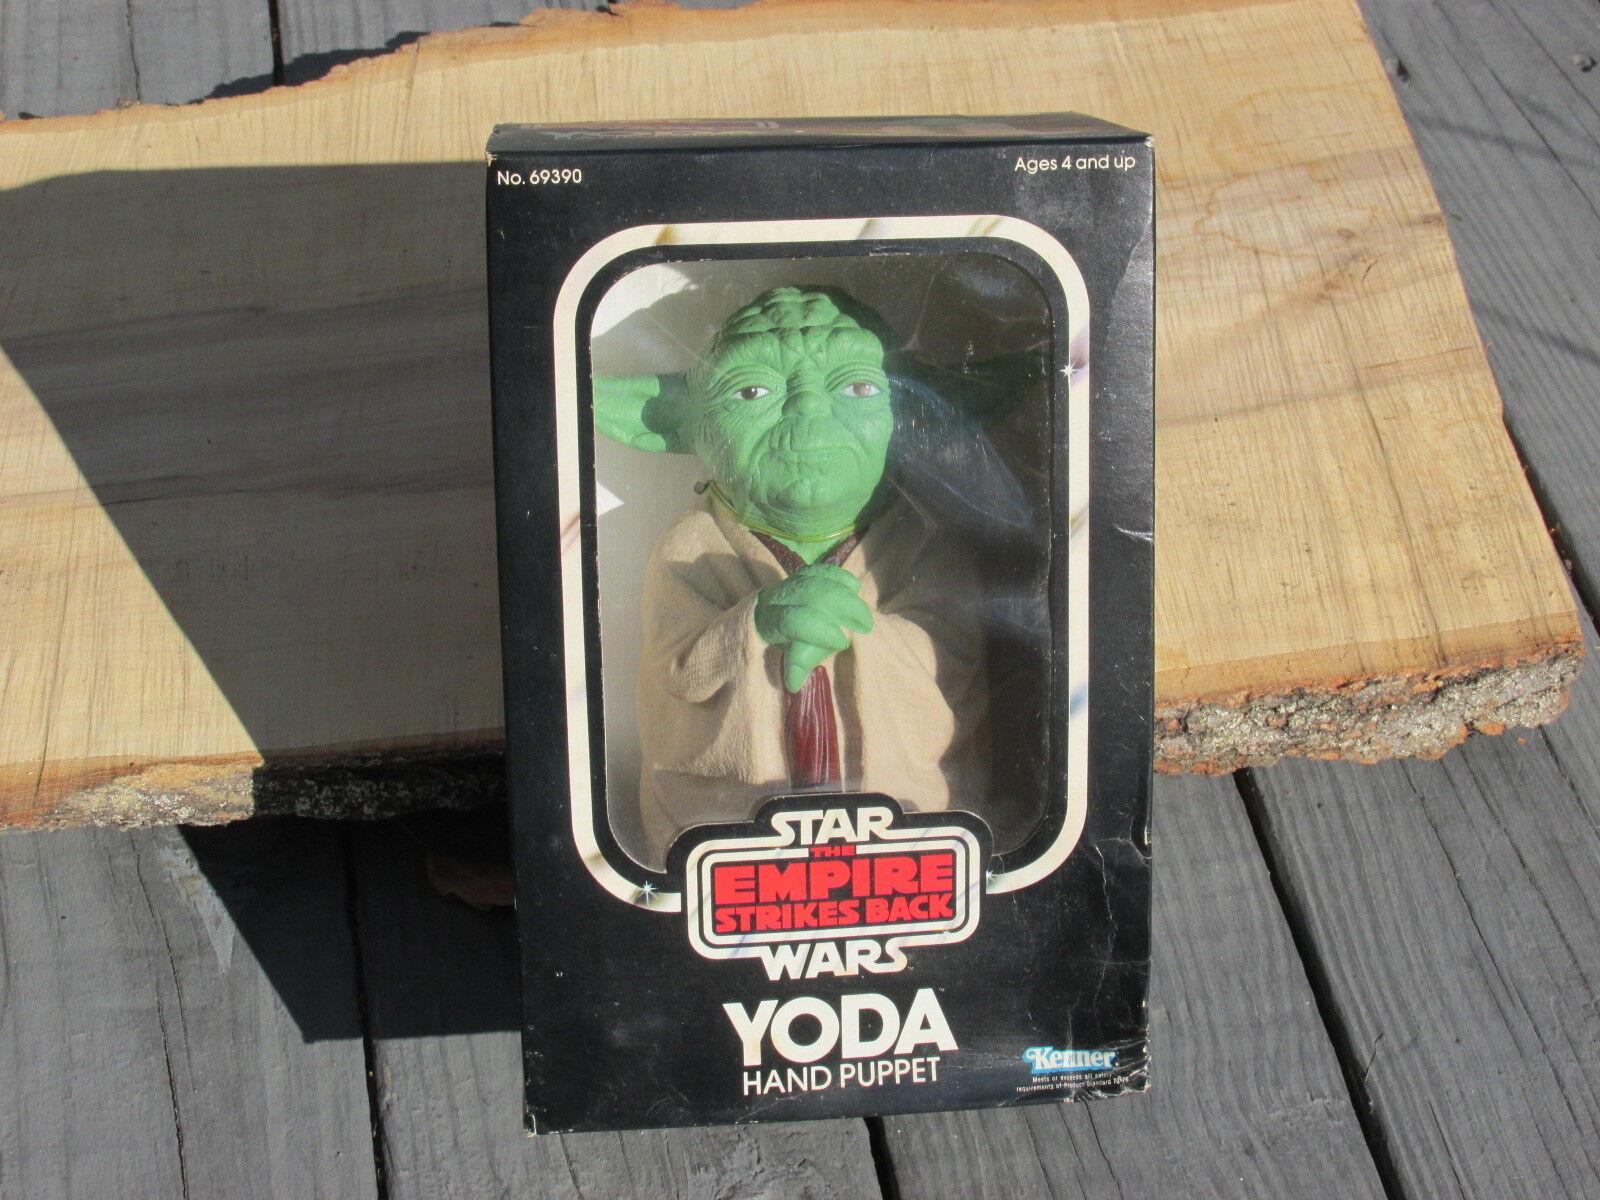 1980 vintage star nella wars yoda burattino, ancora nella star scatola sigillata misb mai aperto afa 6b8d93